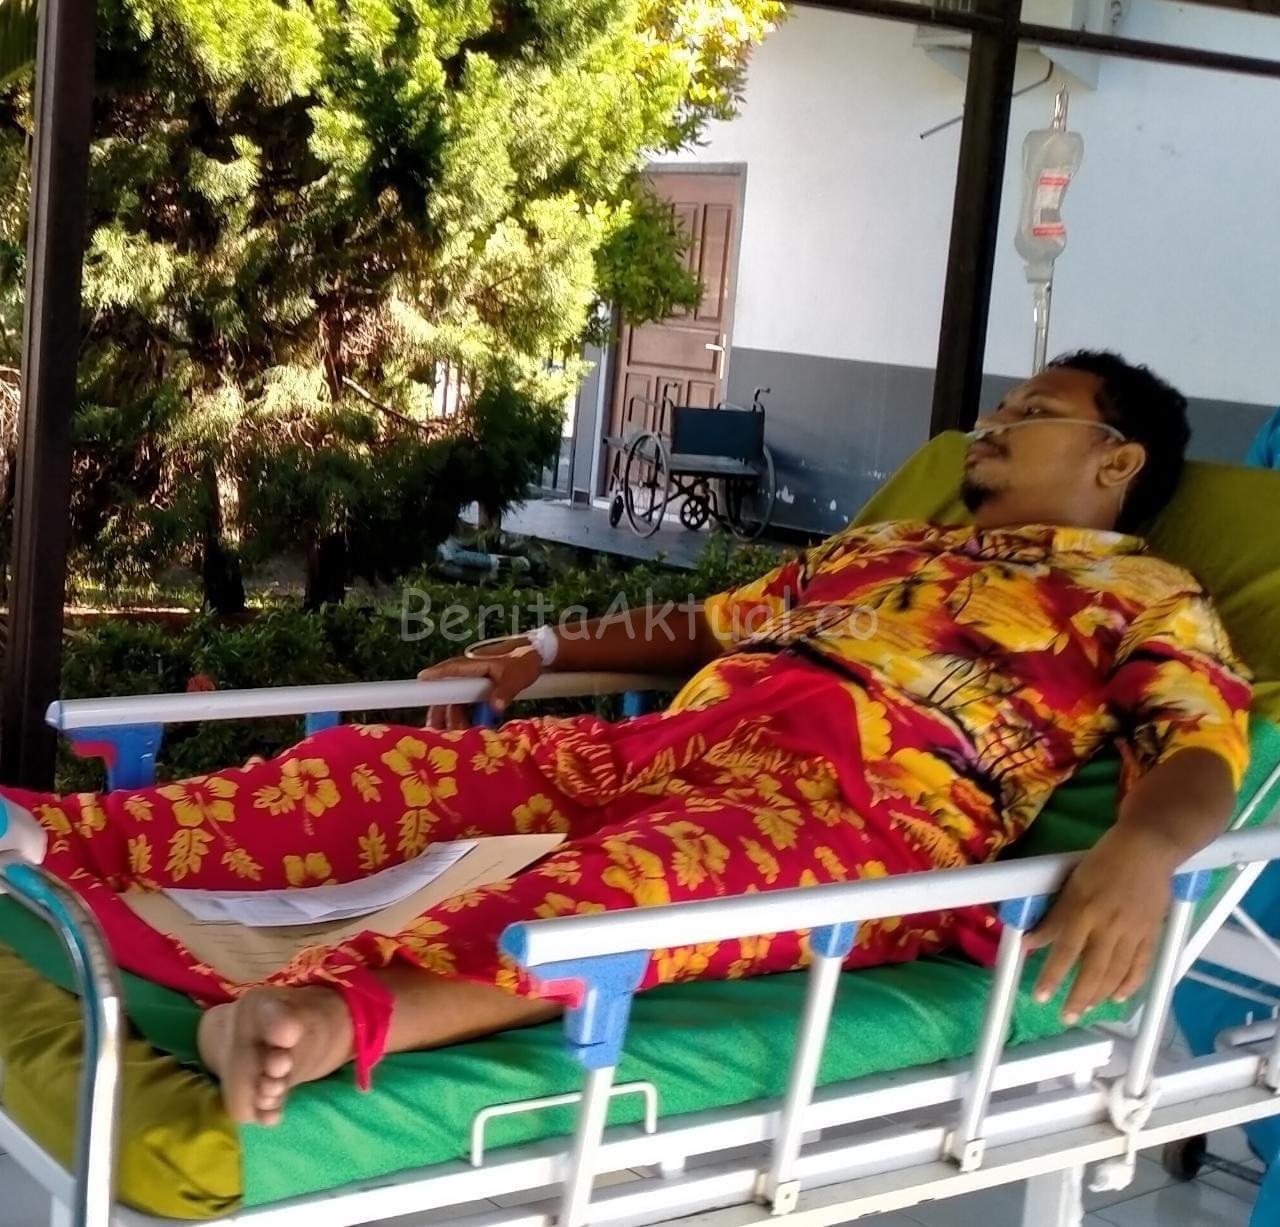 Ketua PWI PB Desak Polisi Tangkap Pelaku Begal Dan Tusuk Wartawan di Manokwari 2 IMG 20200423 WA0048